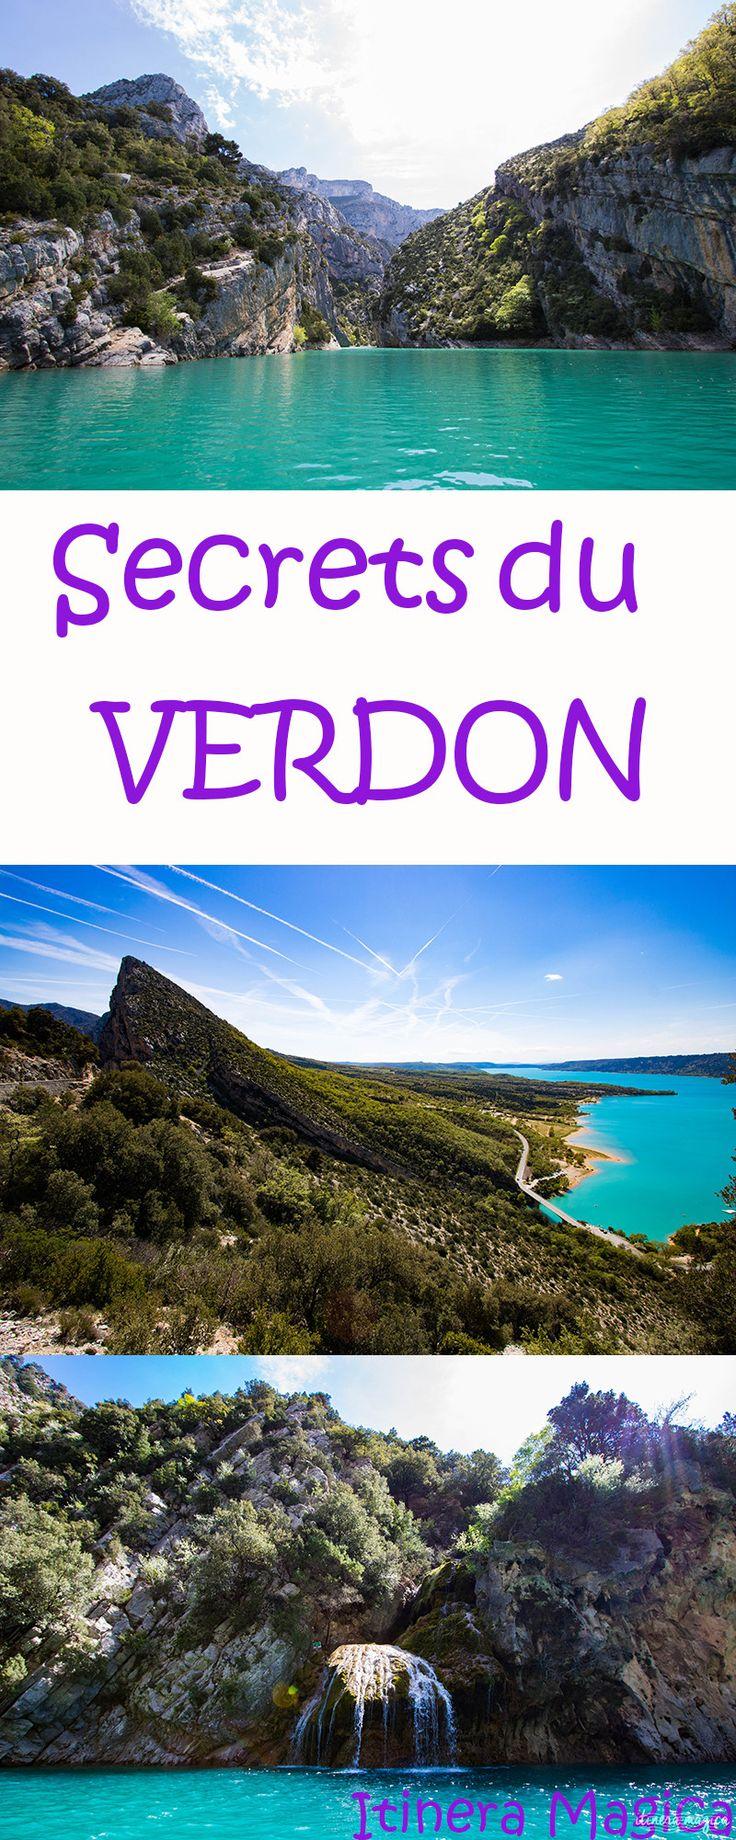 Le Verdon ou la Provence secrète ! Découvrez le lac de Sainte Croix, la route des Crêtes, et les plus beaux panoramas sur le Verdon.  Voyage dans l'un des plus beaux endroits de France.